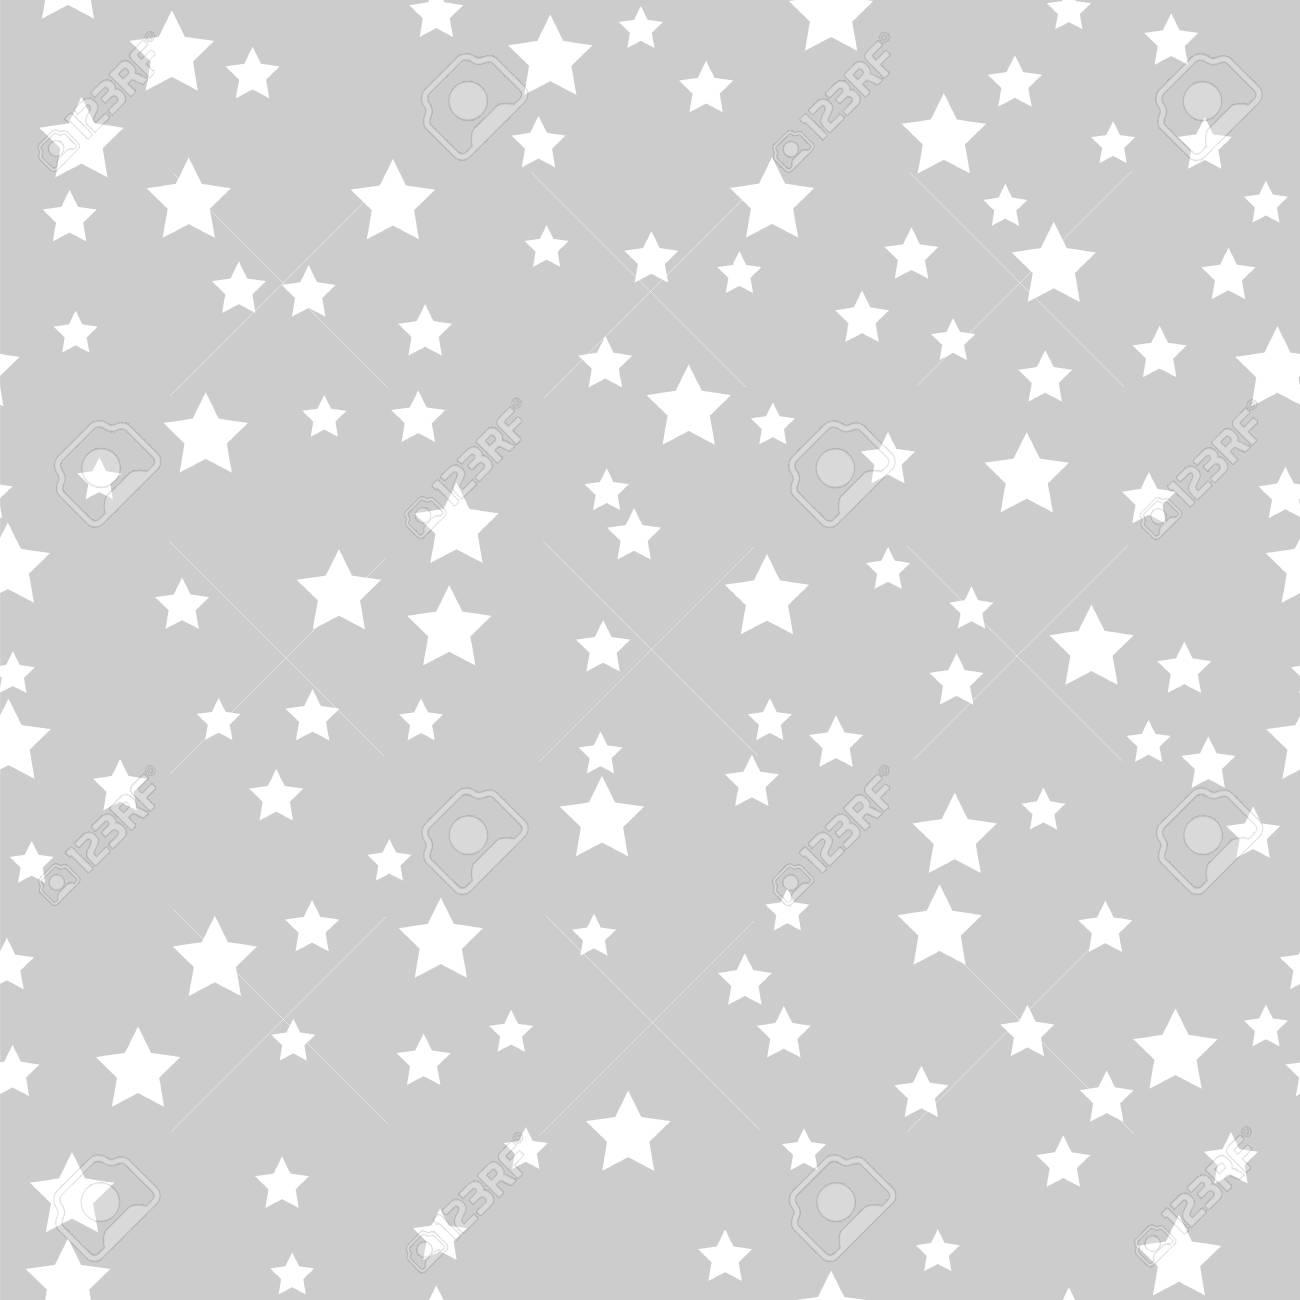 Patrón Sin Fisuras De Estrellas Blancas Sobre Un Fondo Gris ...